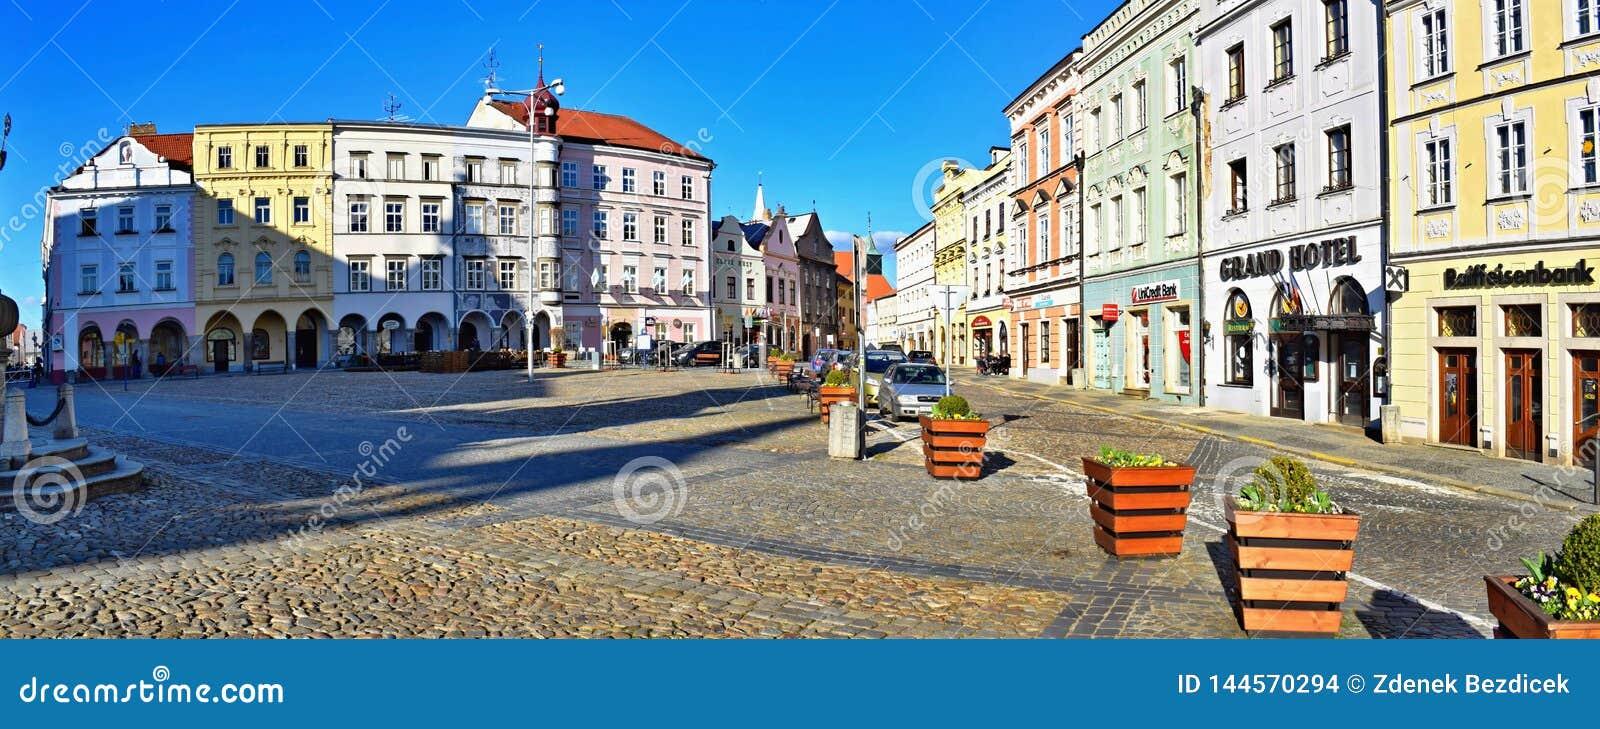 Τετράγωνο της ειρήνης σε Jindrichuv Hradec, Δημοκρατία της Τσεχίας